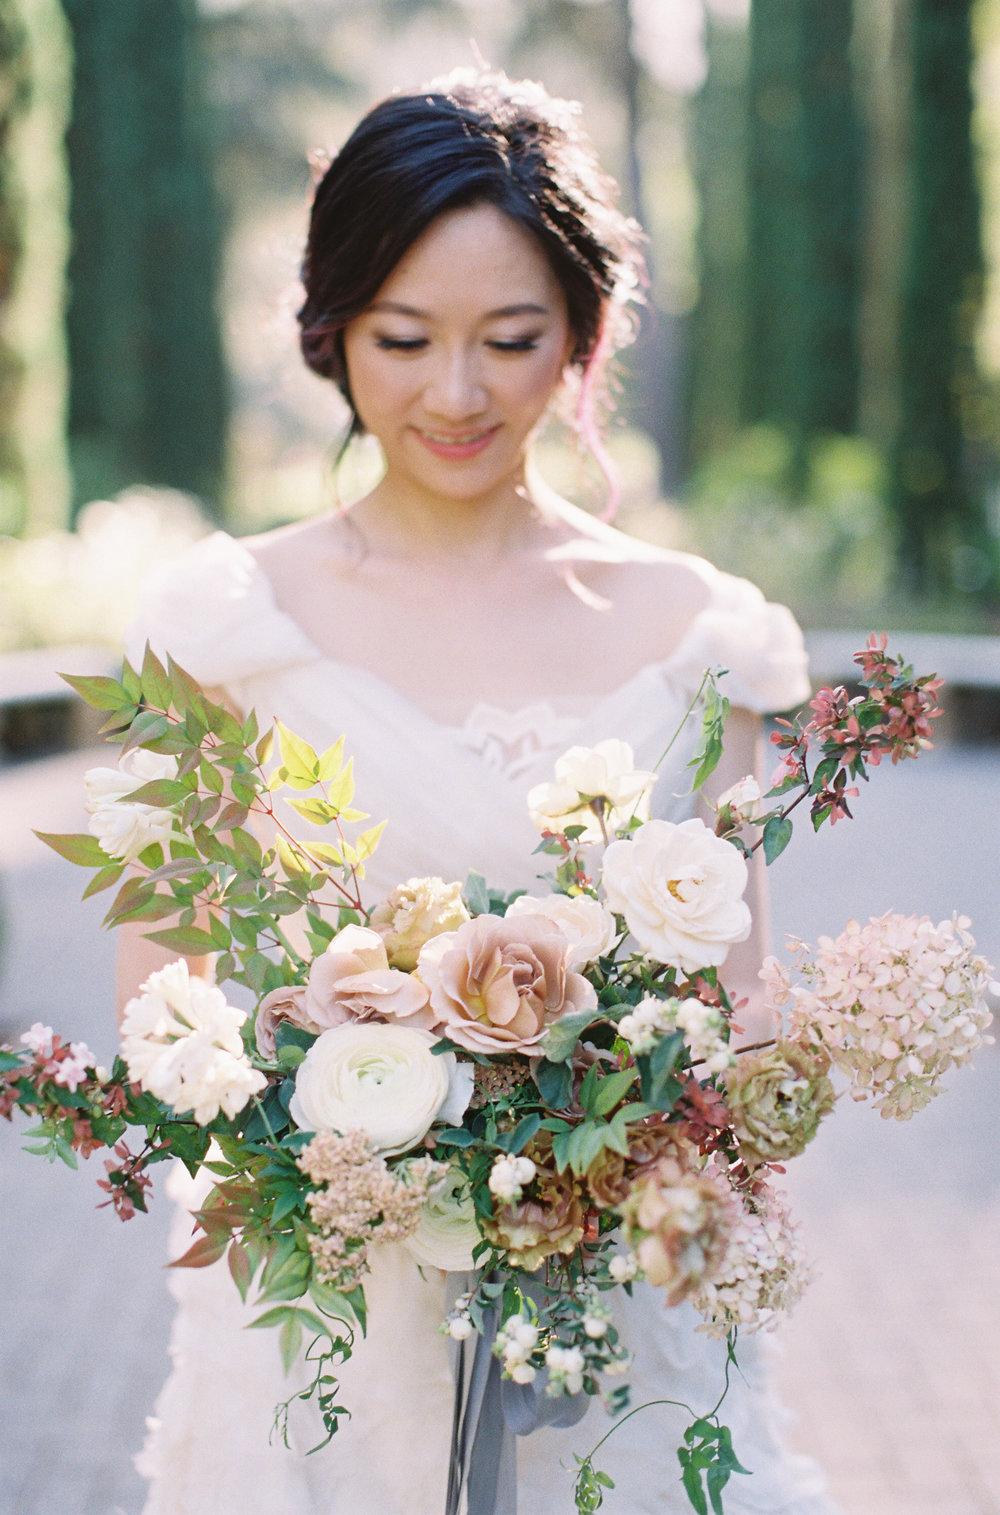 JC-HiRes-83-Jen-Huang-JC-114-Jen_Huang-009463-R2-021.jpg